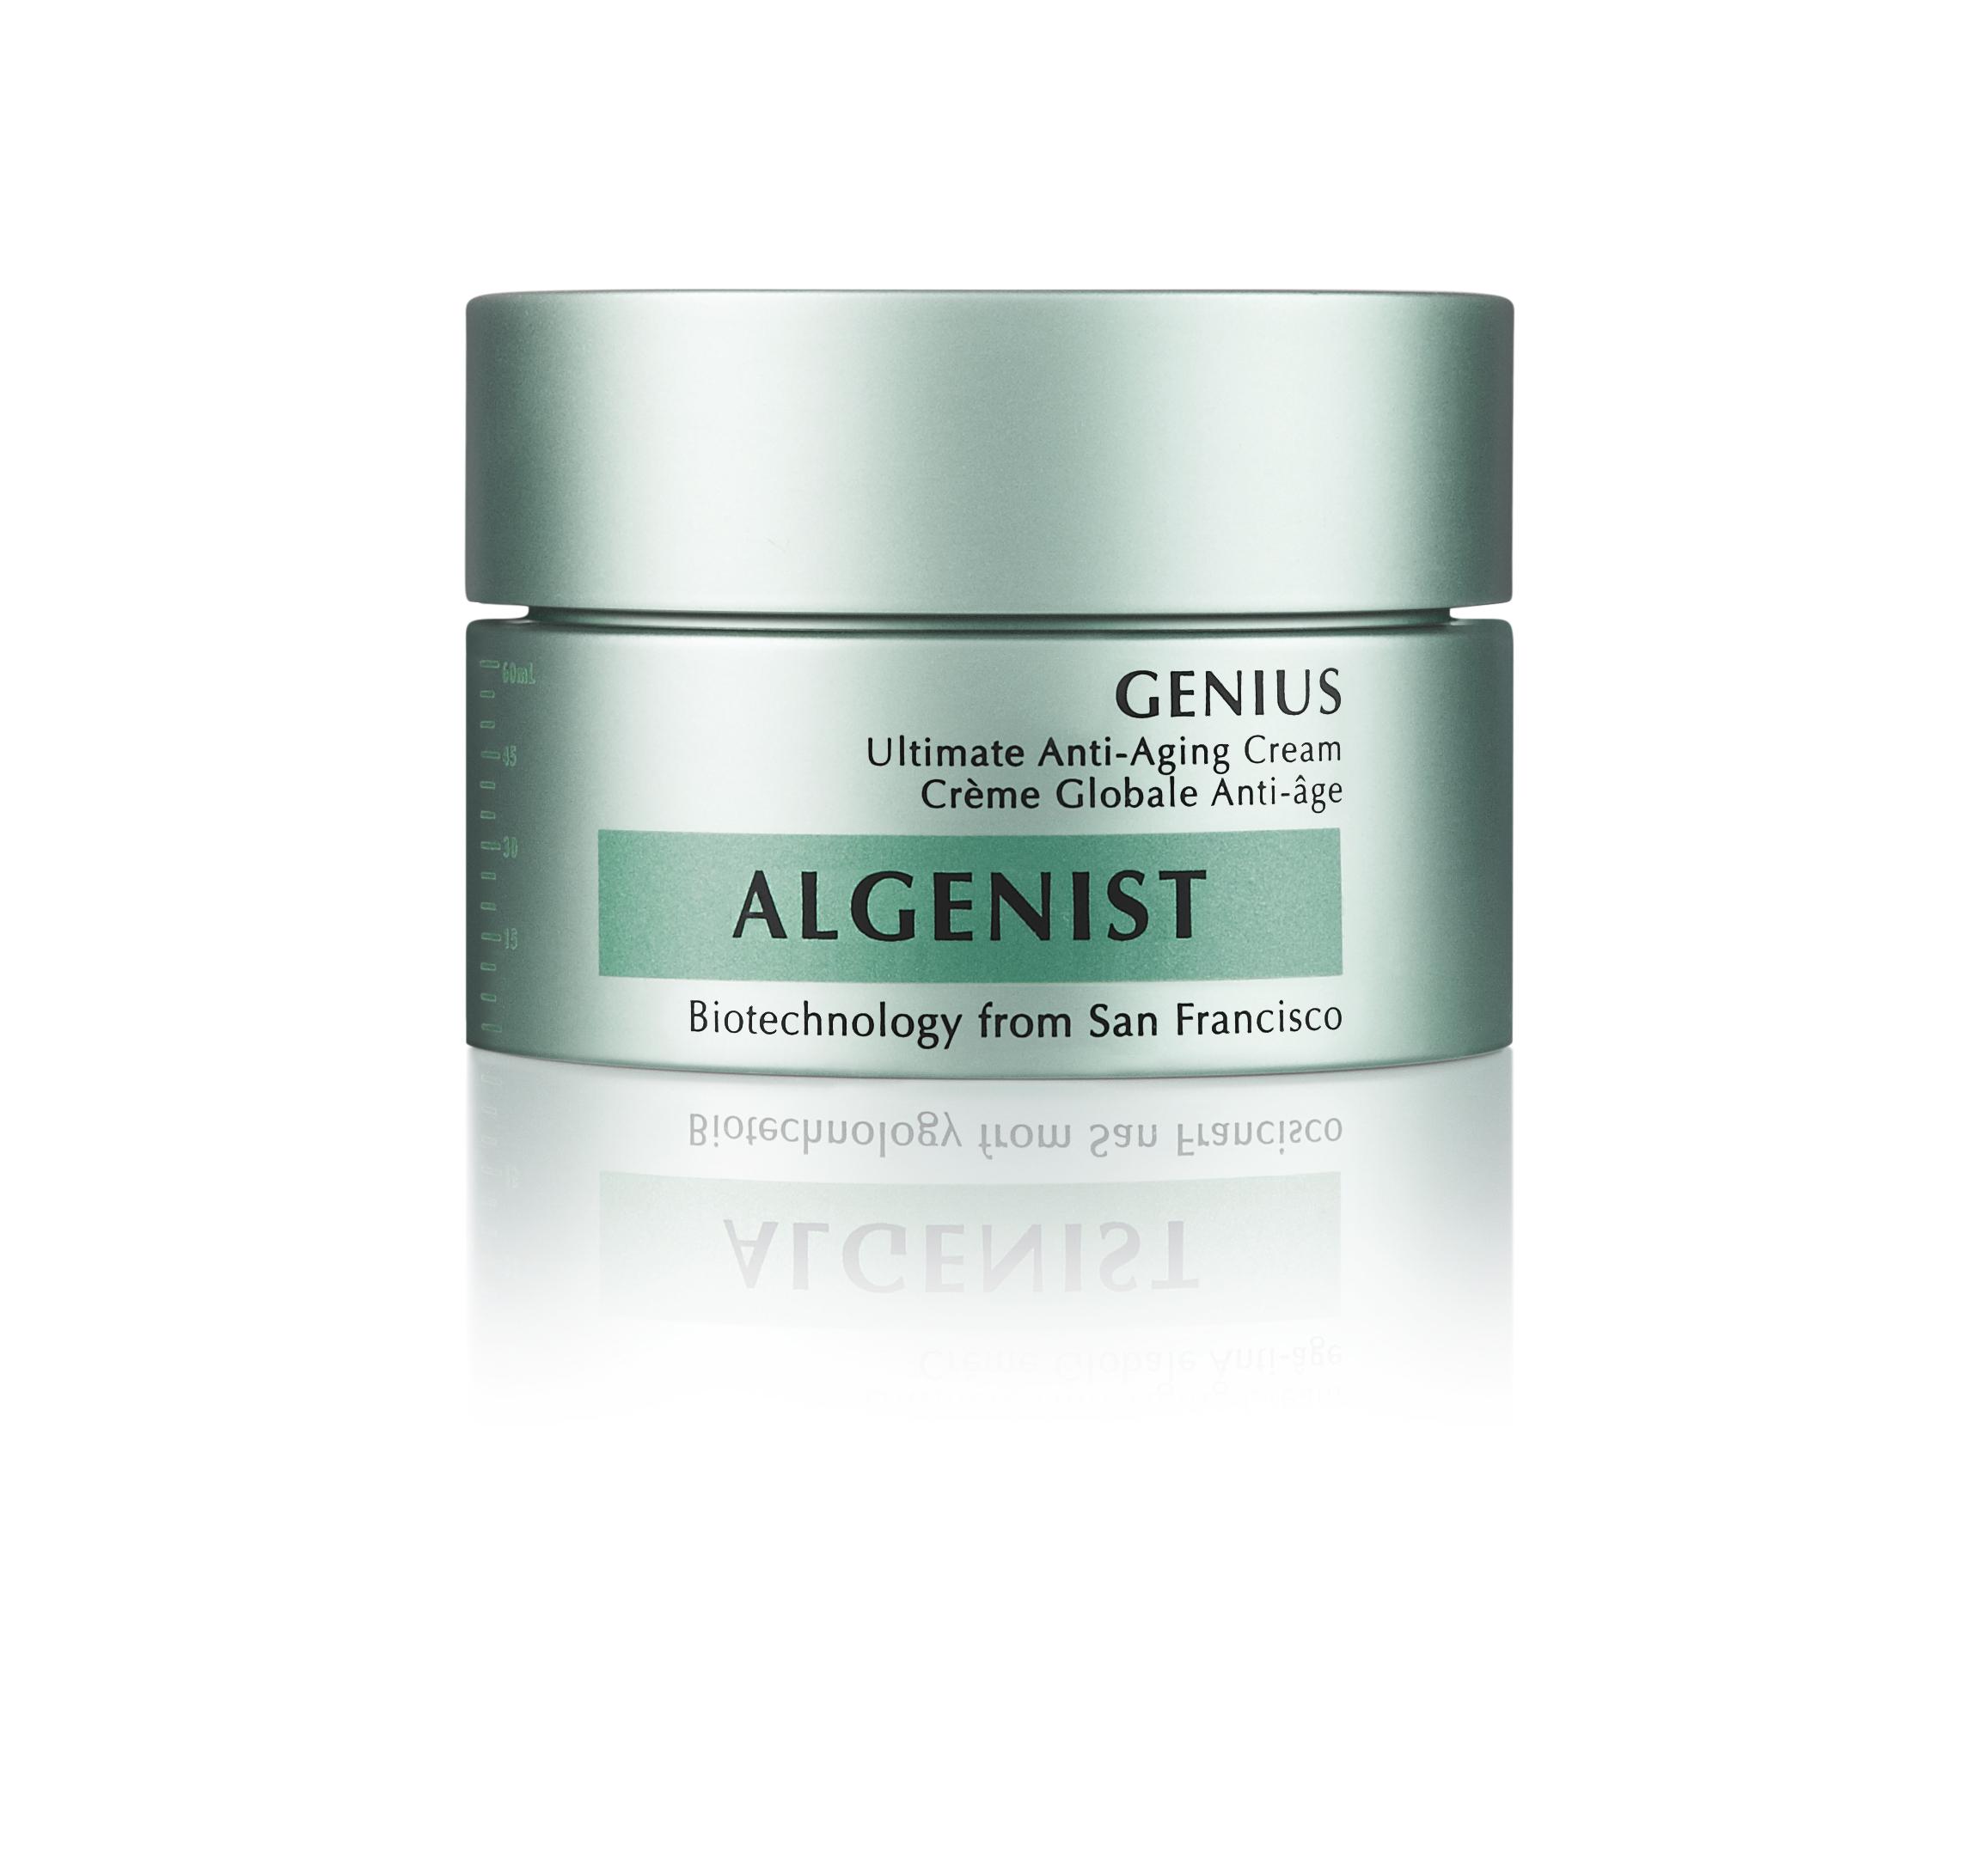 Algenist Genius Ultimate Anti-Aging Cream, 60 ml